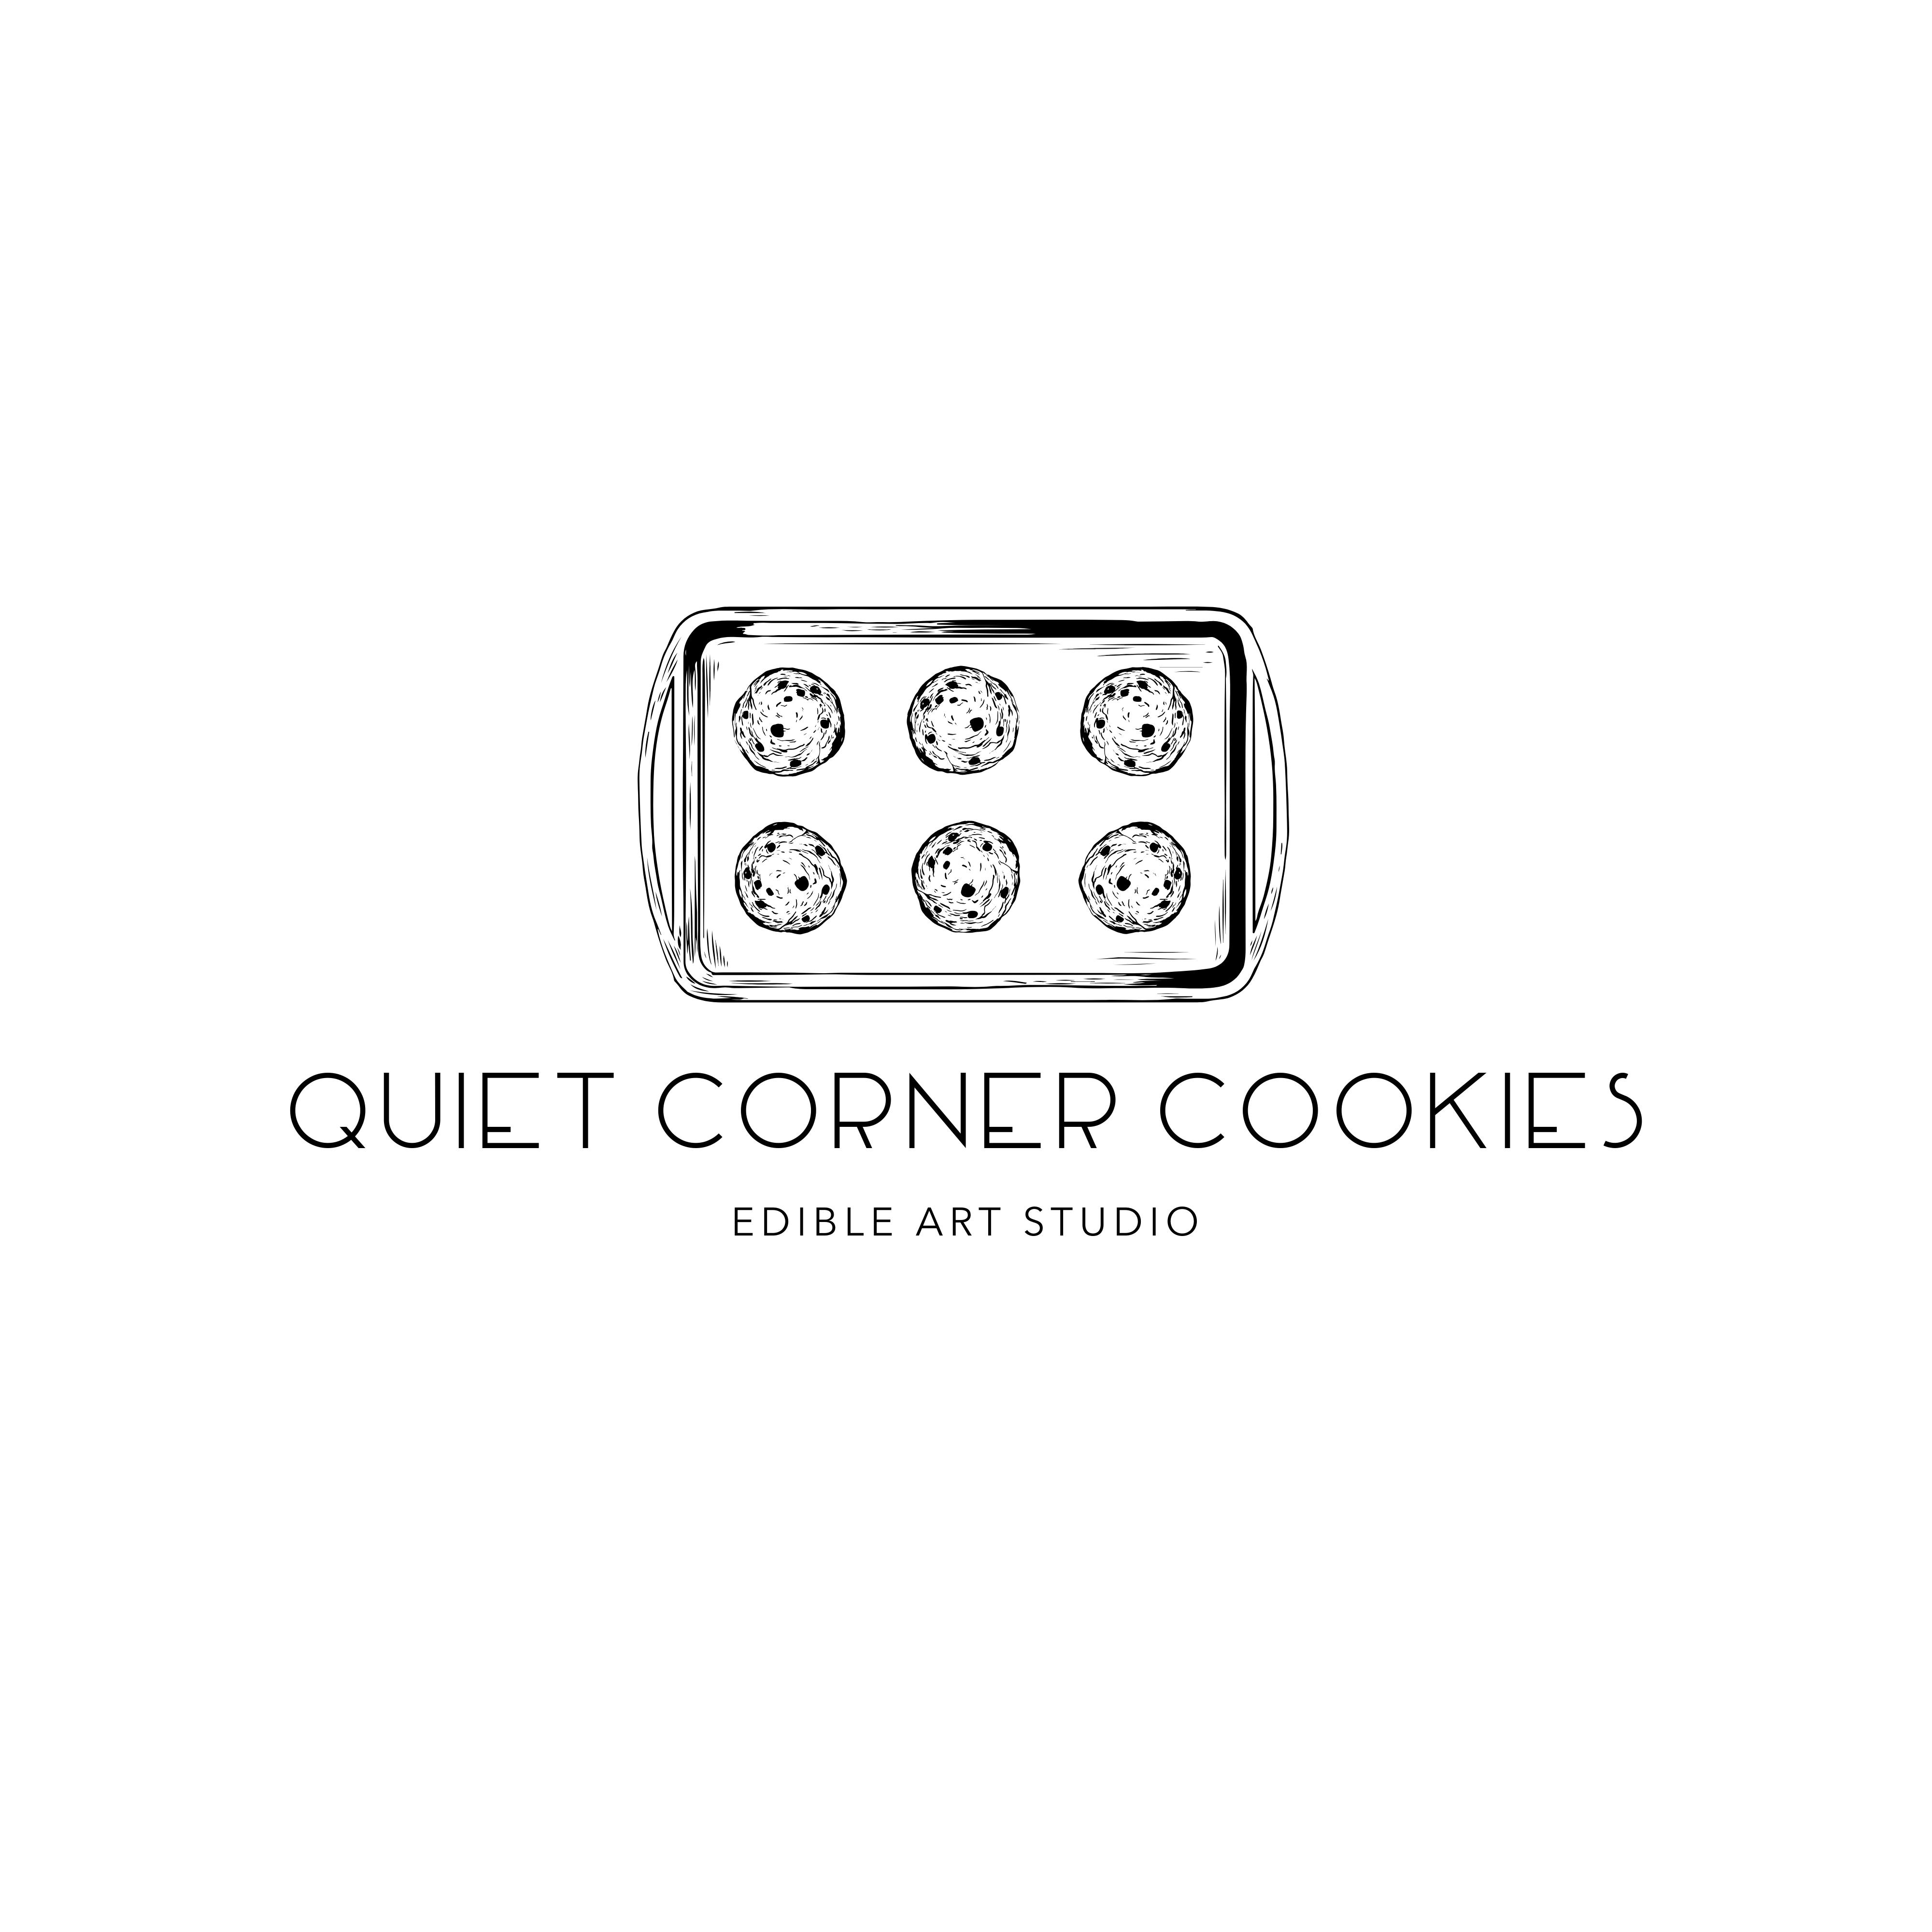 Quiet Corner Cookies